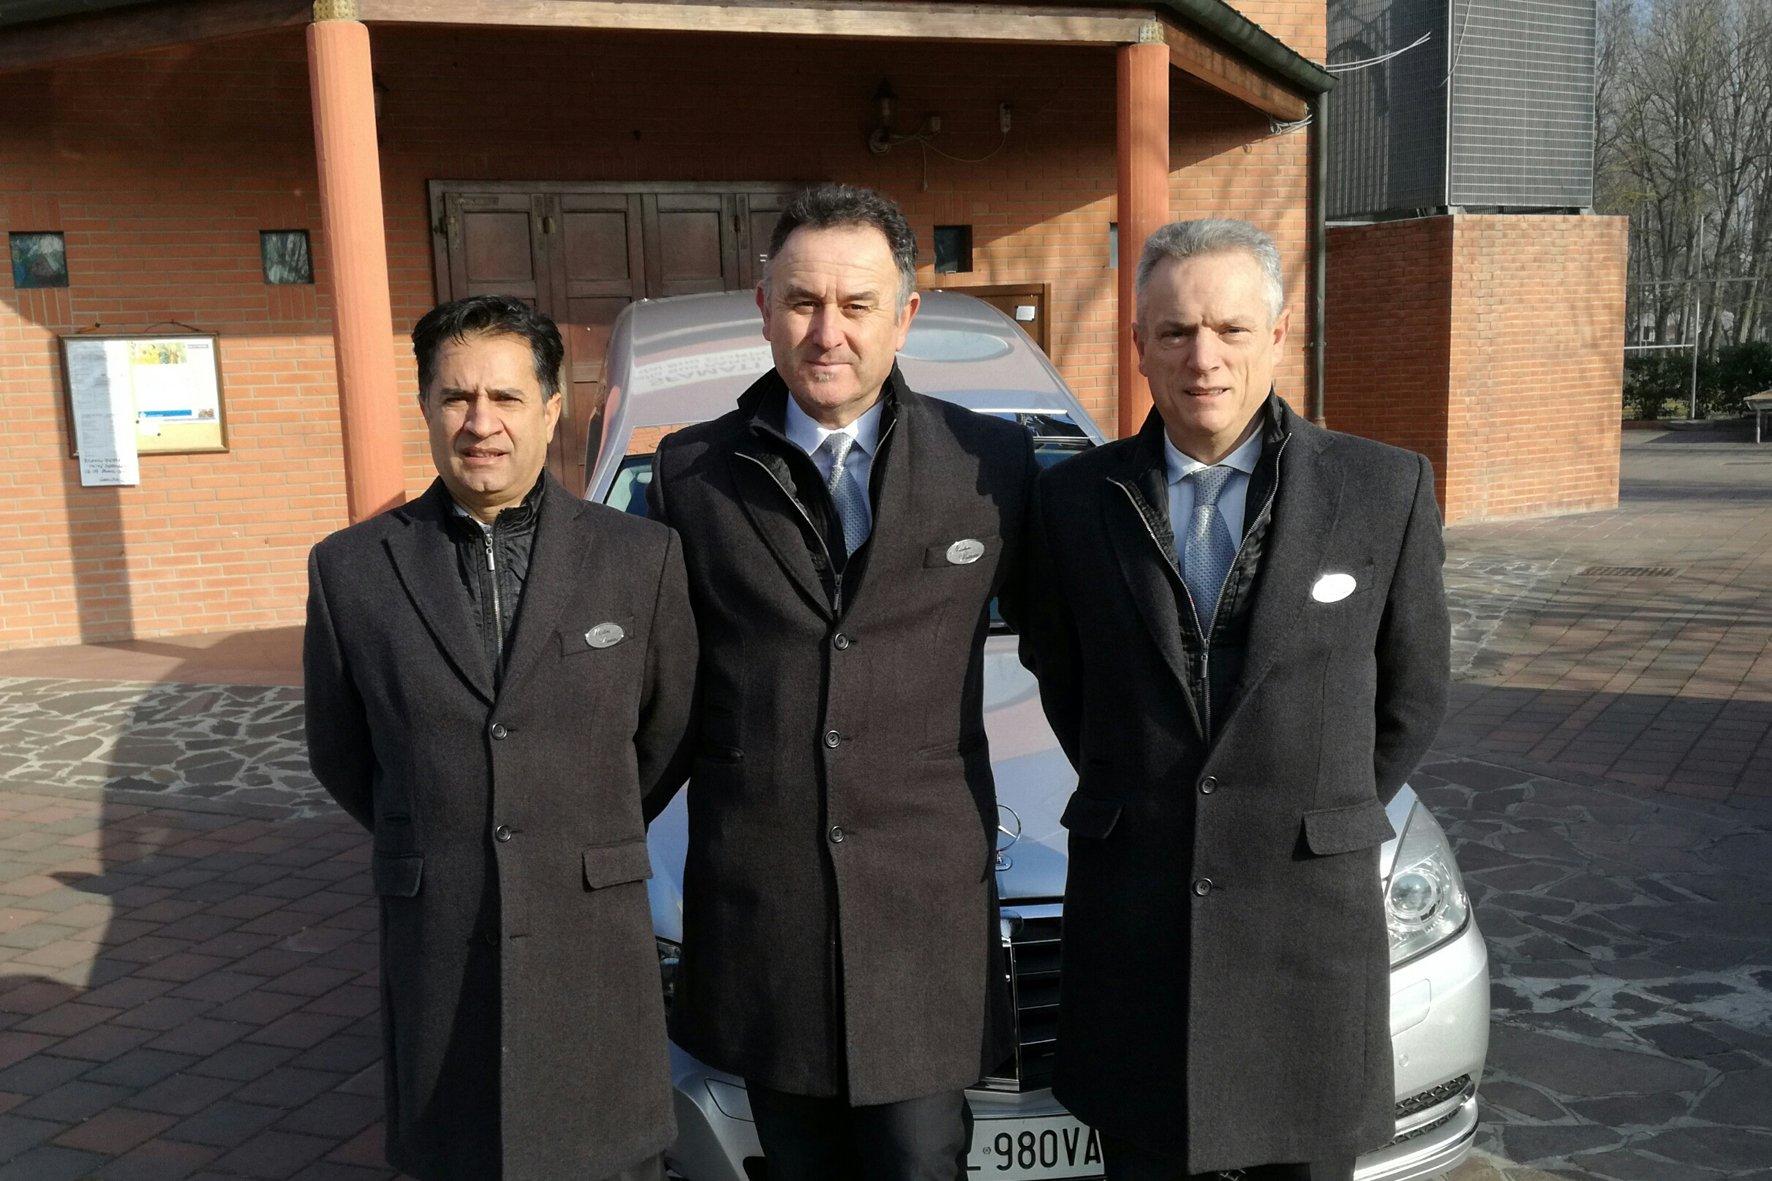 Professionali dell'impresa Onoranze Funebri Nicolini-Battiato